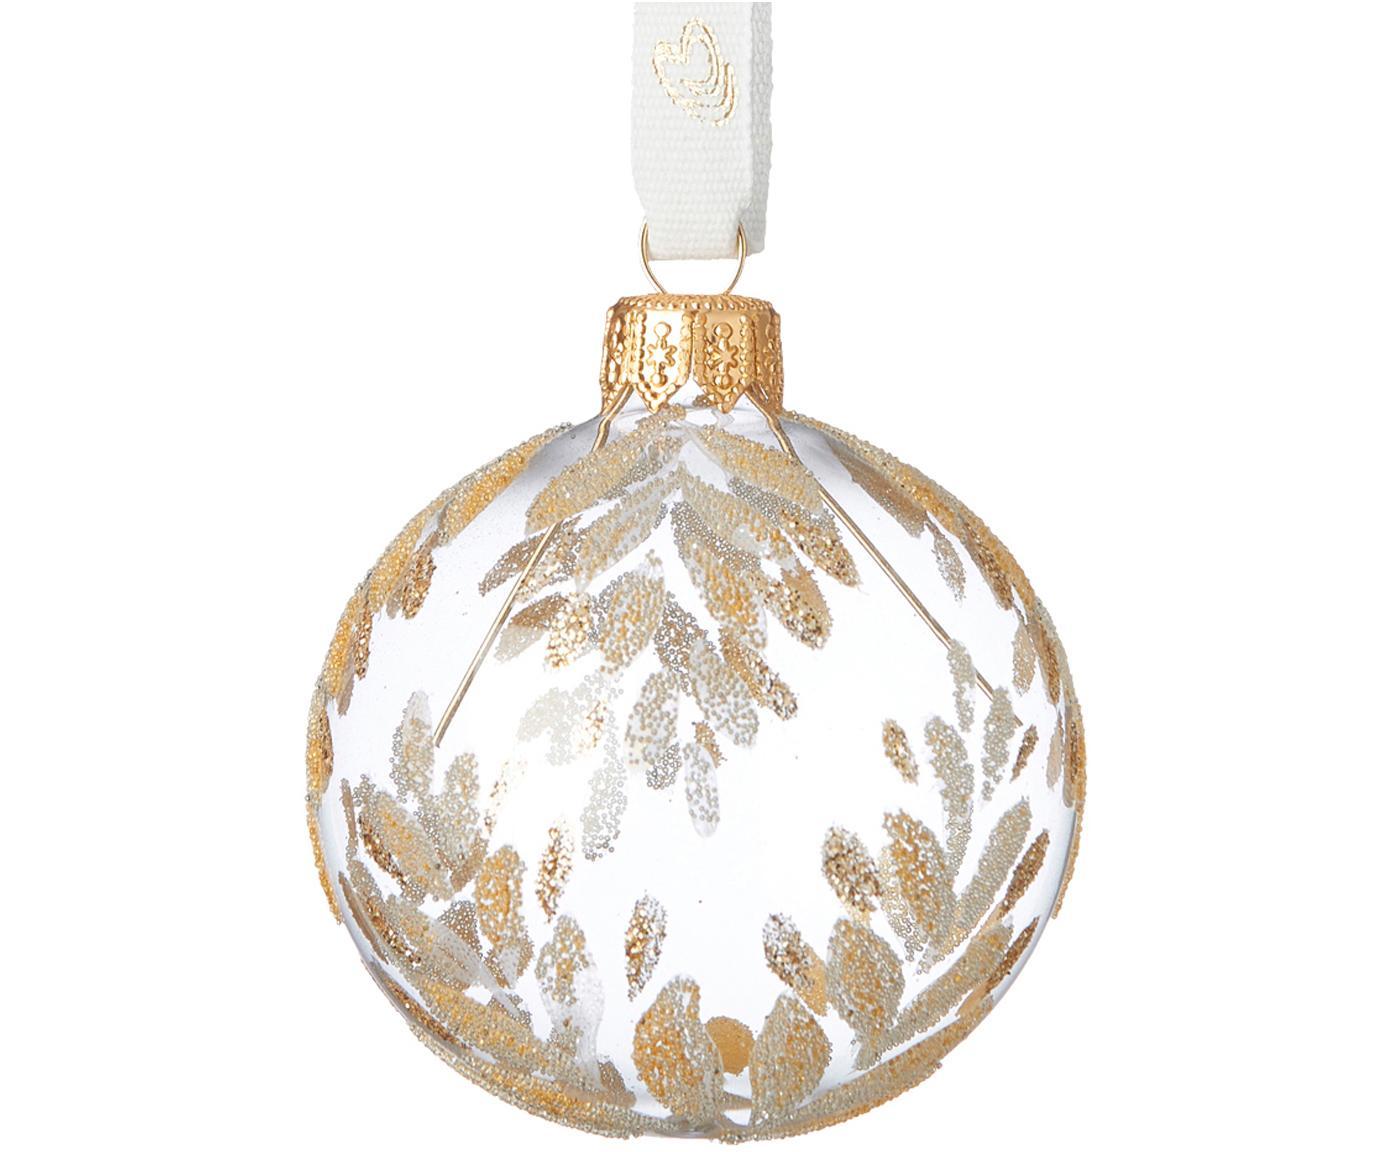 Bolas de Navidad Cadelia, Ø6cm, 2uds., Transparente, dorado, Ø 6 x Al 6 cm